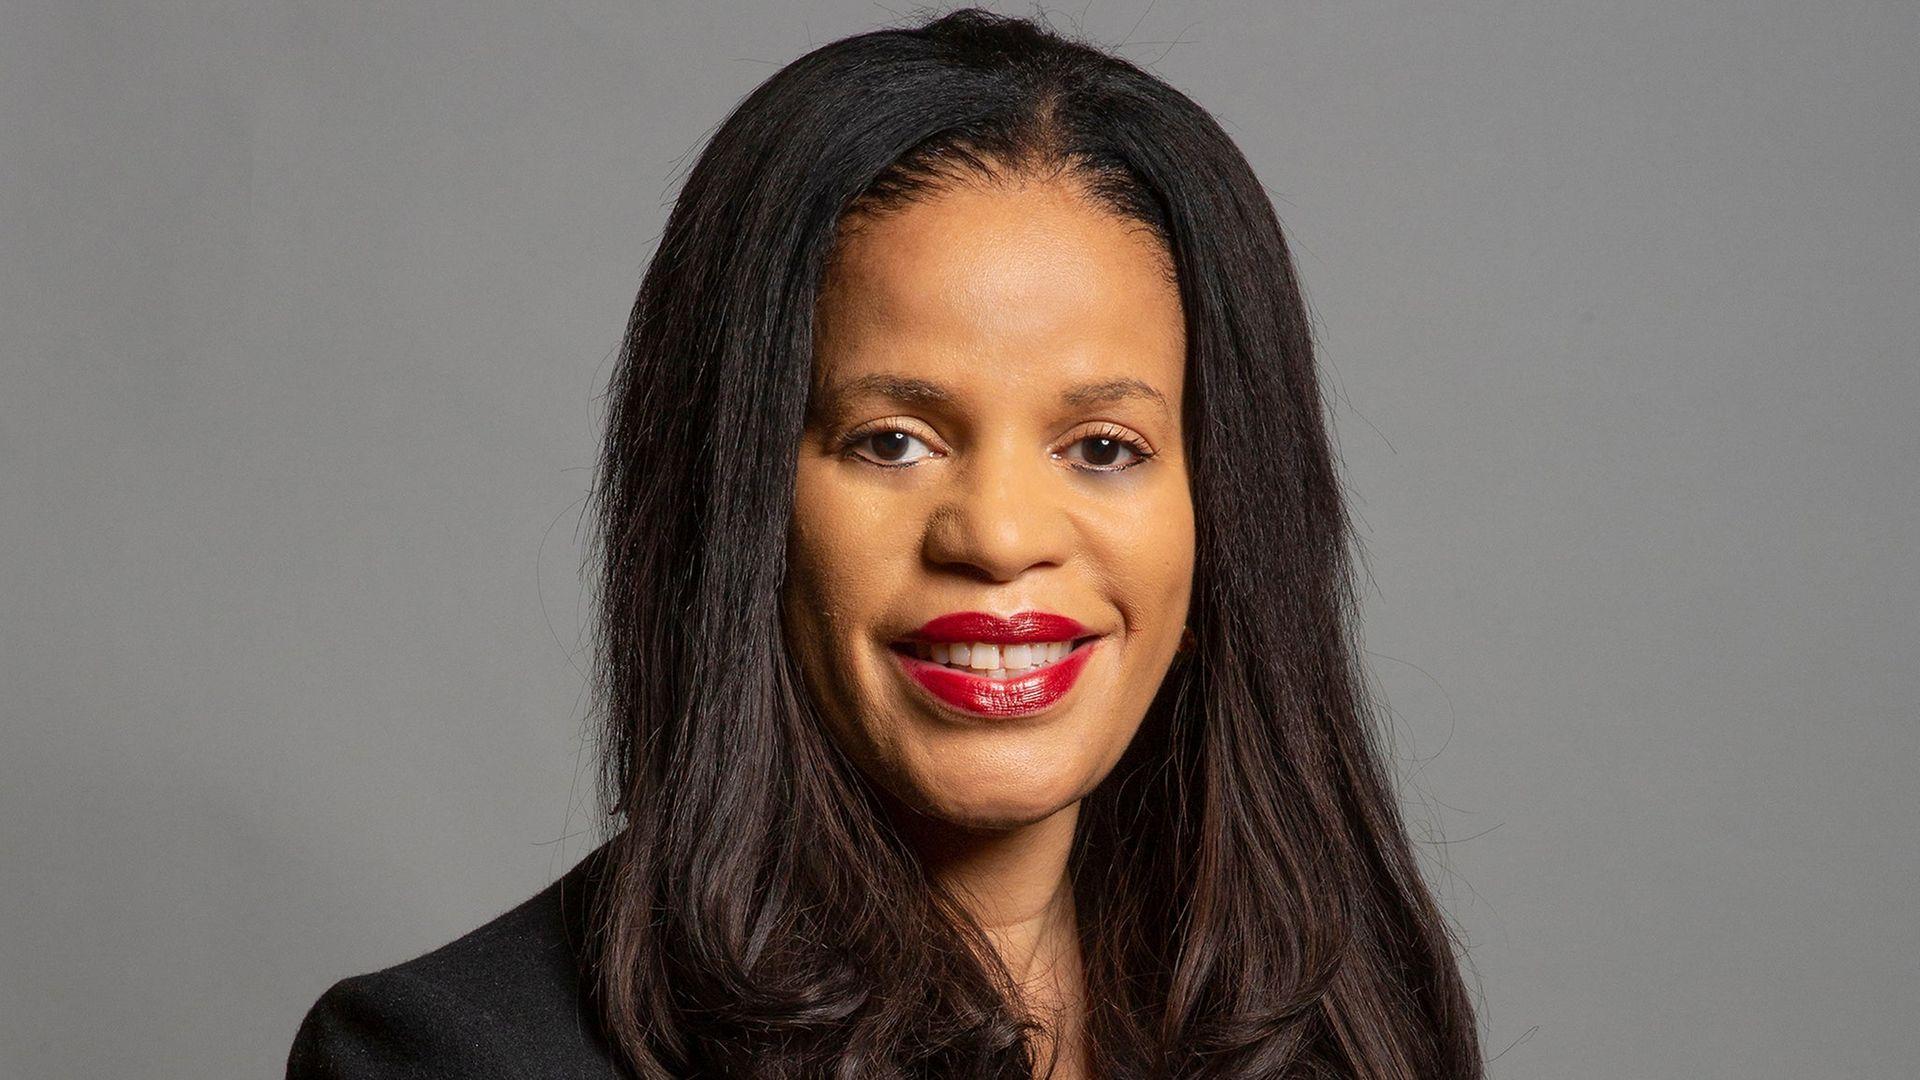 Labour MP Claudia Webbe